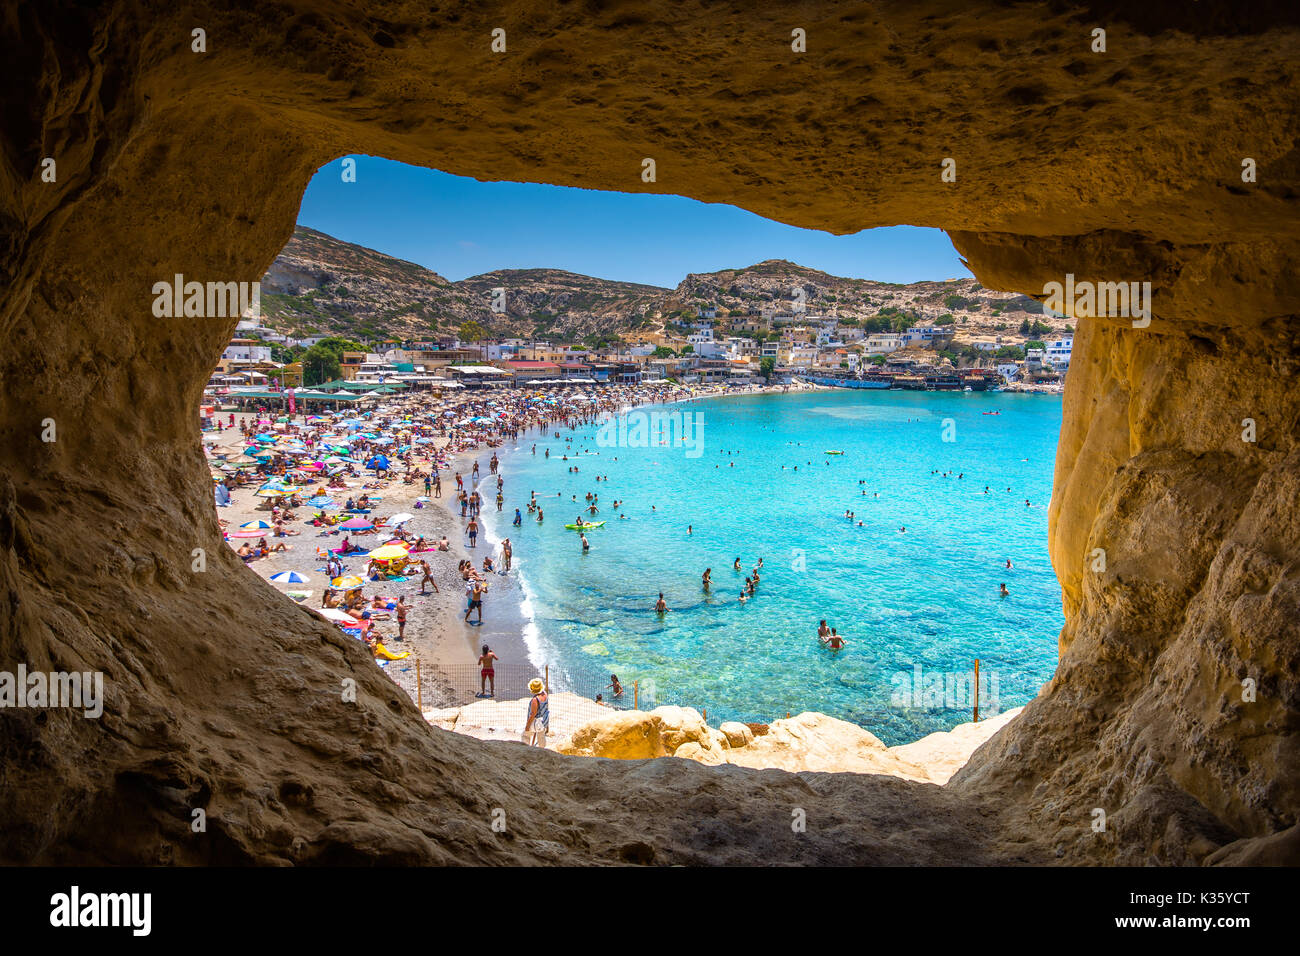 La playa de Matala con cuevas en las rocas que se utilizaron como un cementerio romano y en la década de los 70's vivían los hippies de todo el mundo, Creta, Imagen De Stock